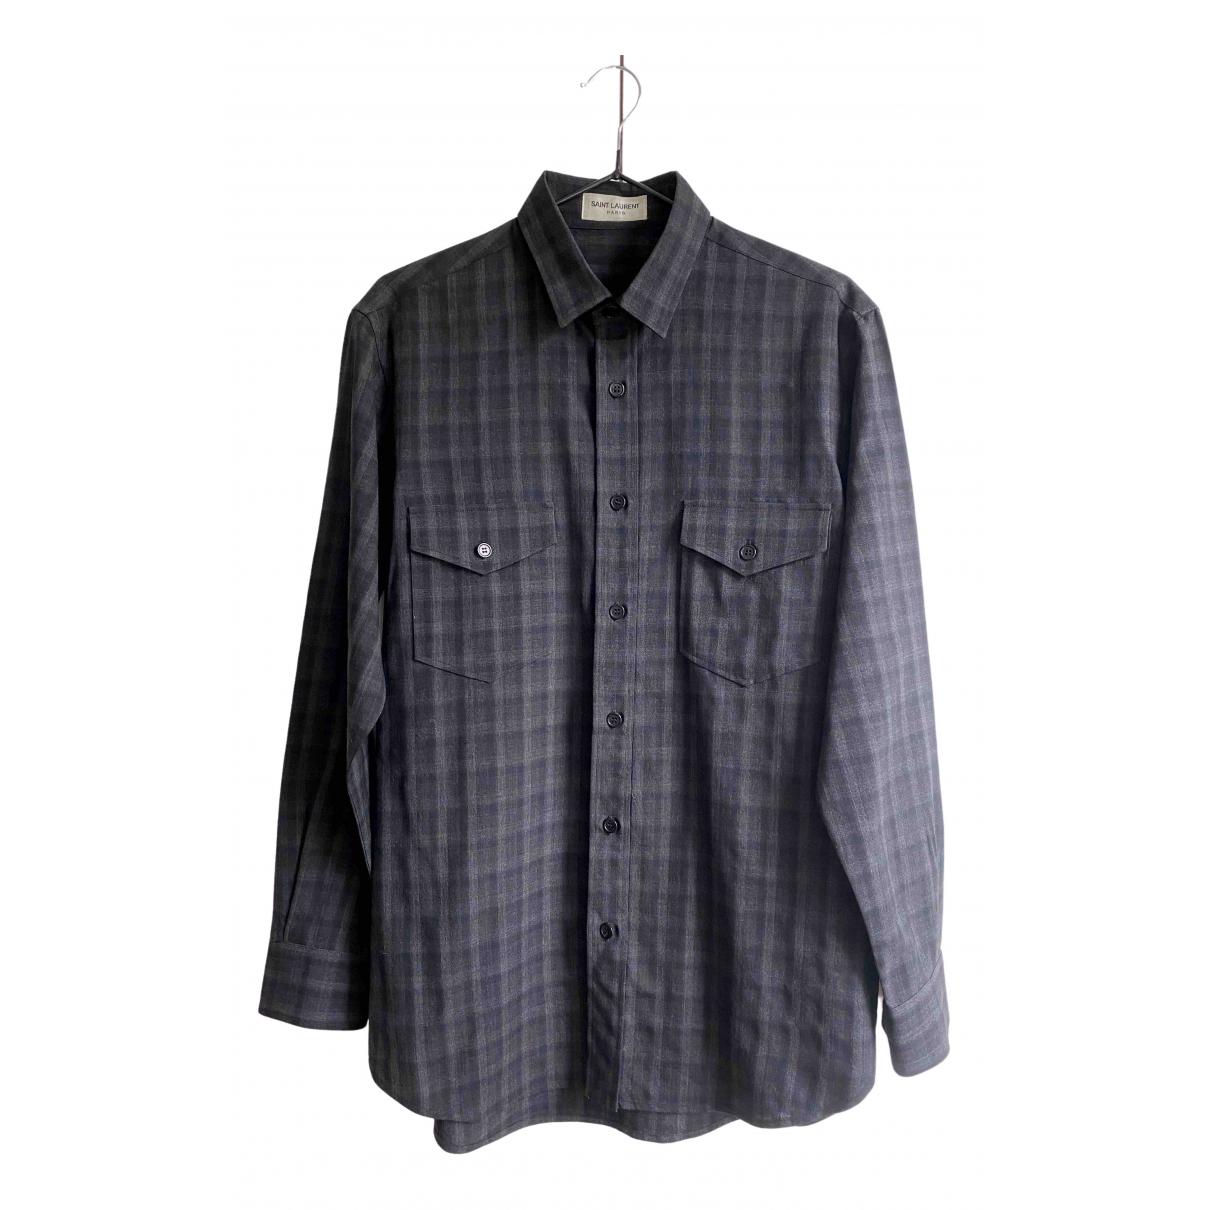 Saint Laurent \N Anthracite Wool Shirts for Men 40 EU (tour de cou / collar)